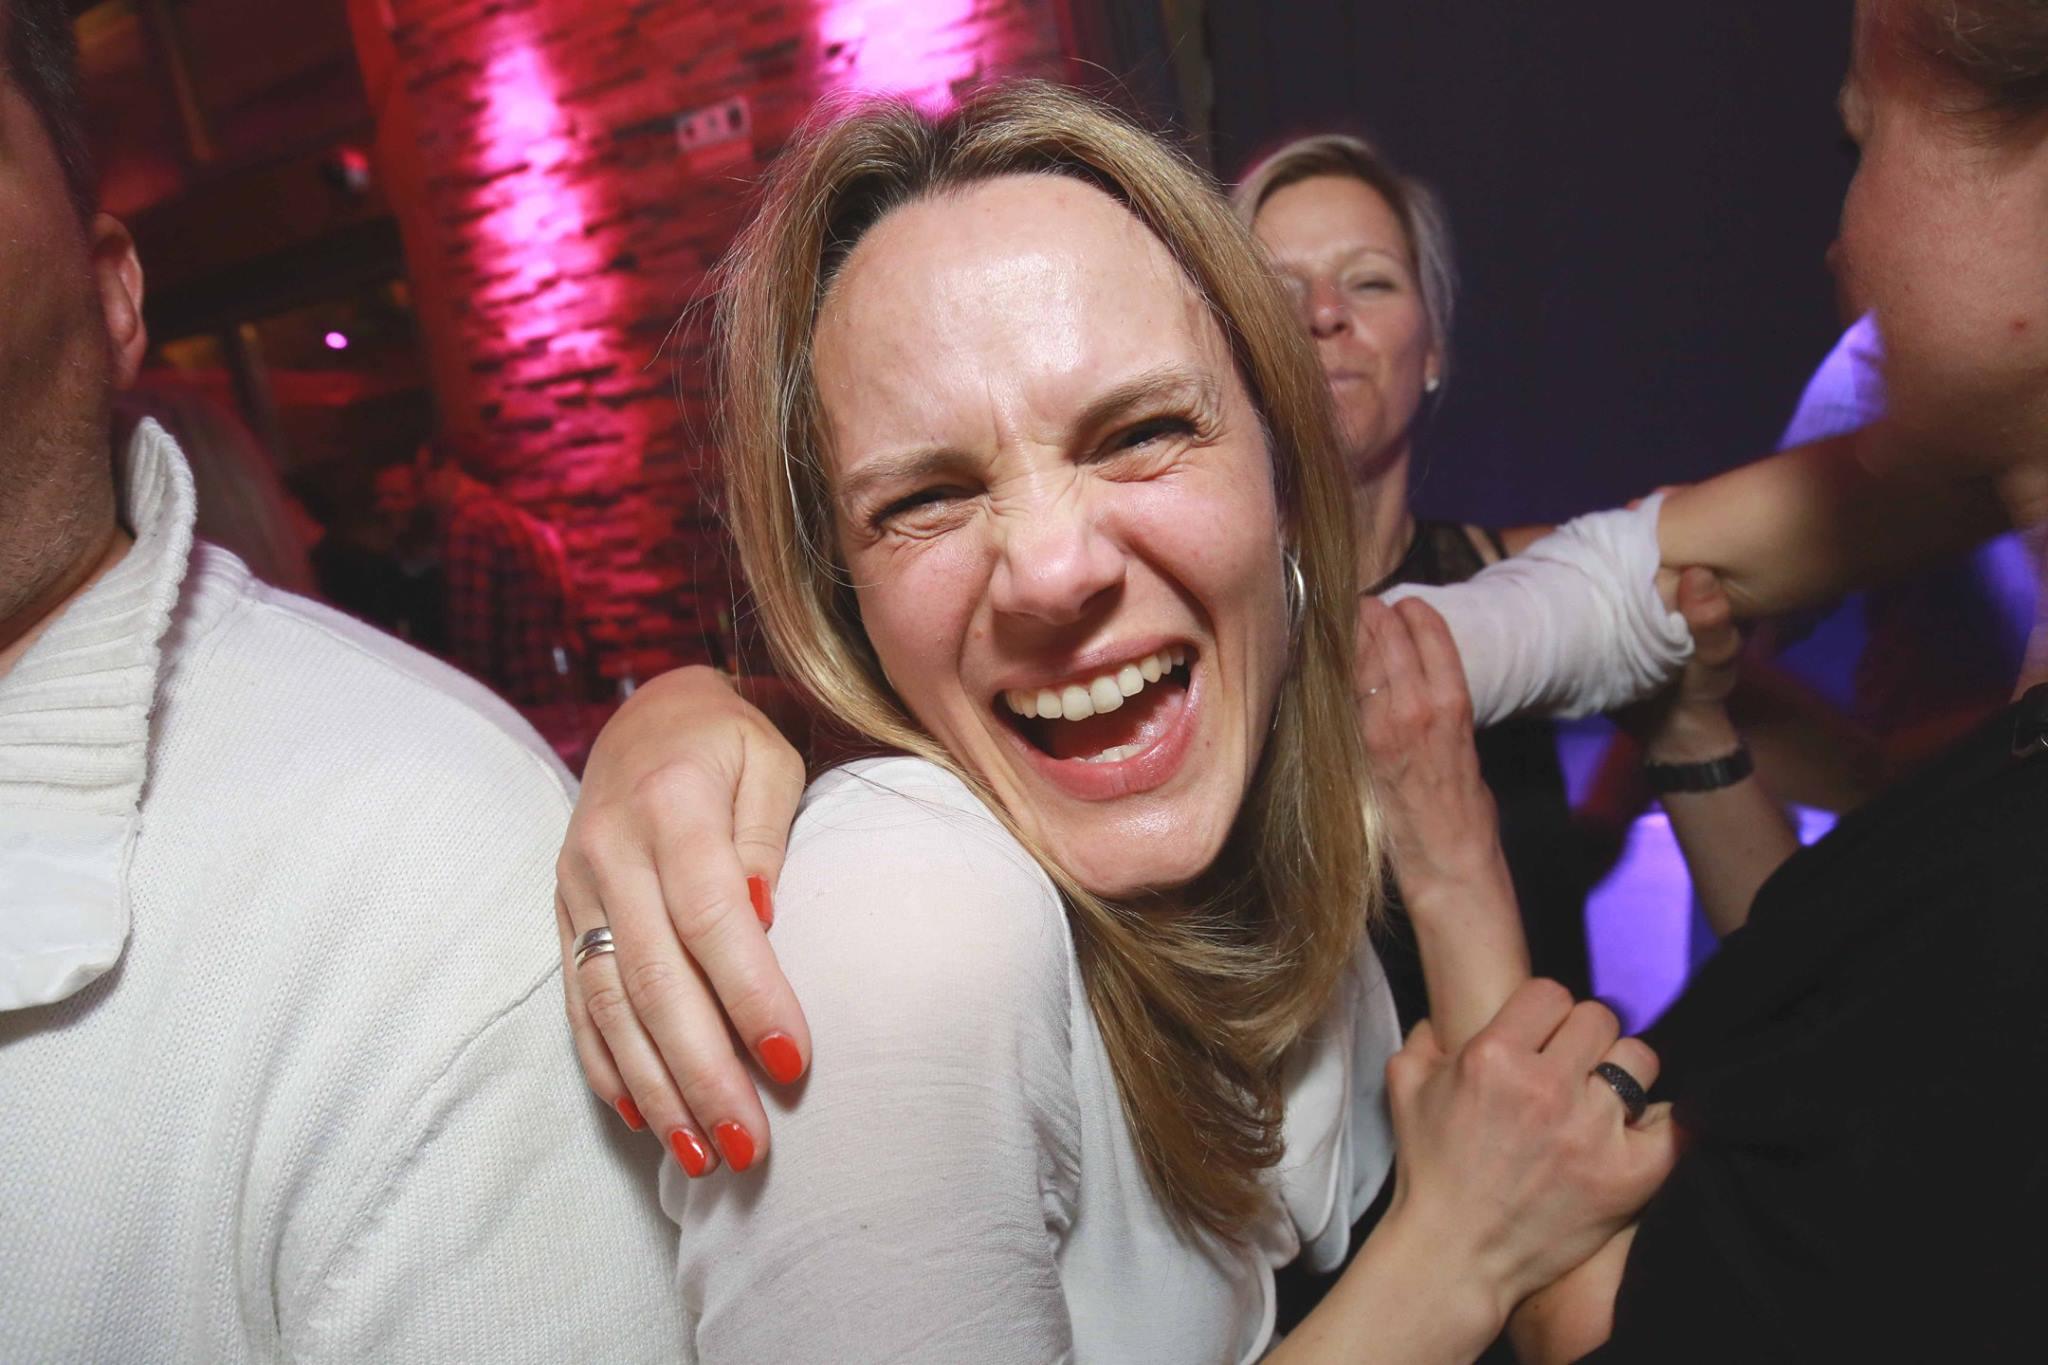 Partyshots - After Work Club - das Original aus Hamburg